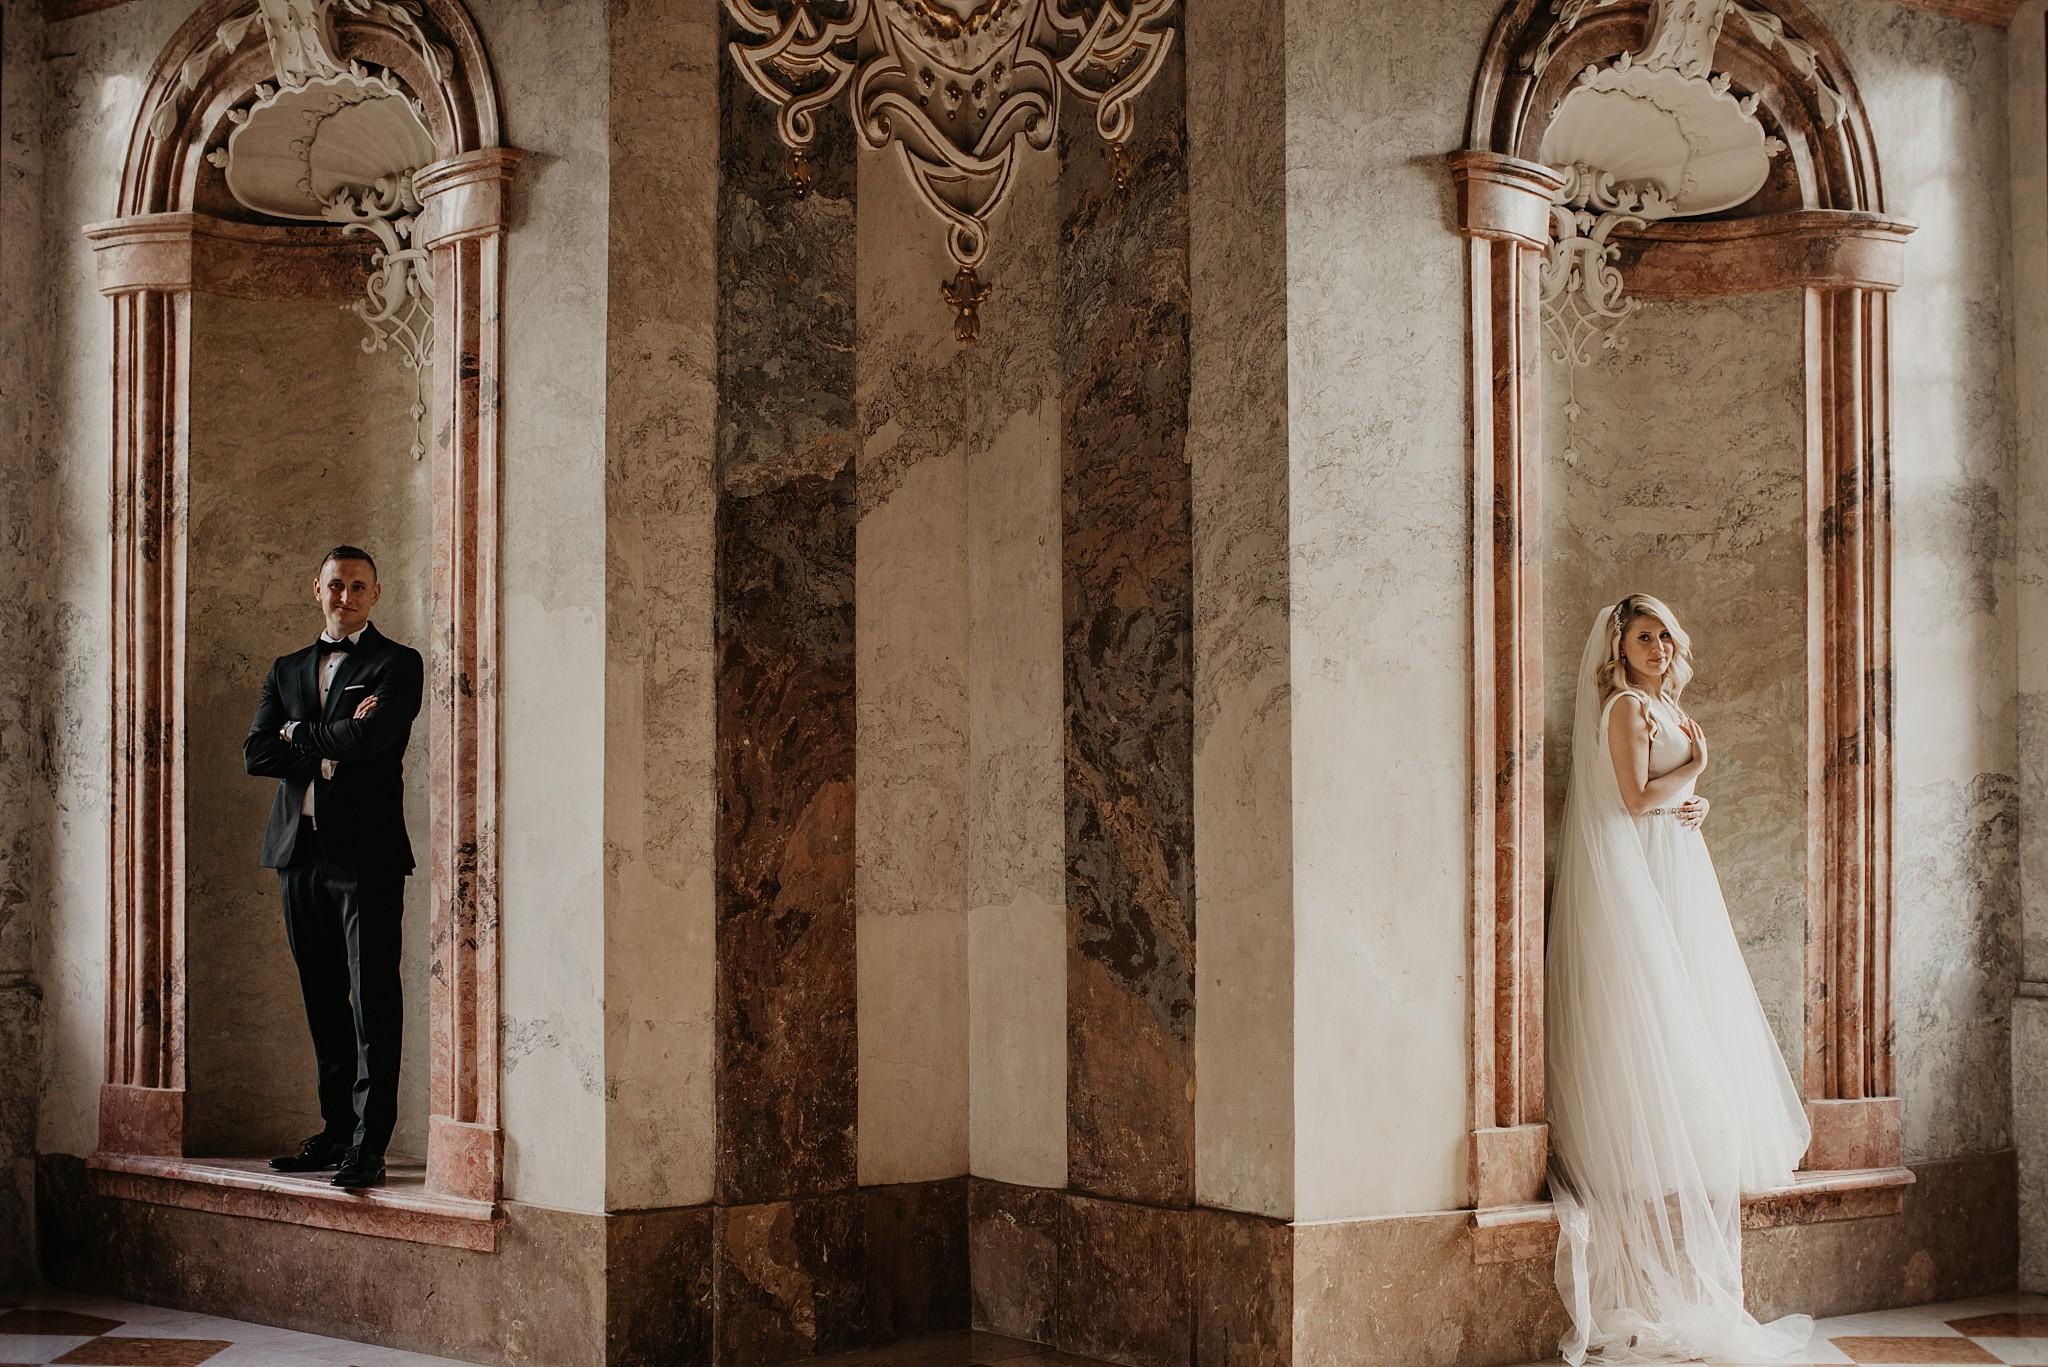 lubiaz opactwo cystersow sesja na zamku sesja zdjeciowa sesja slubna w palacu sesja palac fotograf z poznania fotografia slubna poznan 098